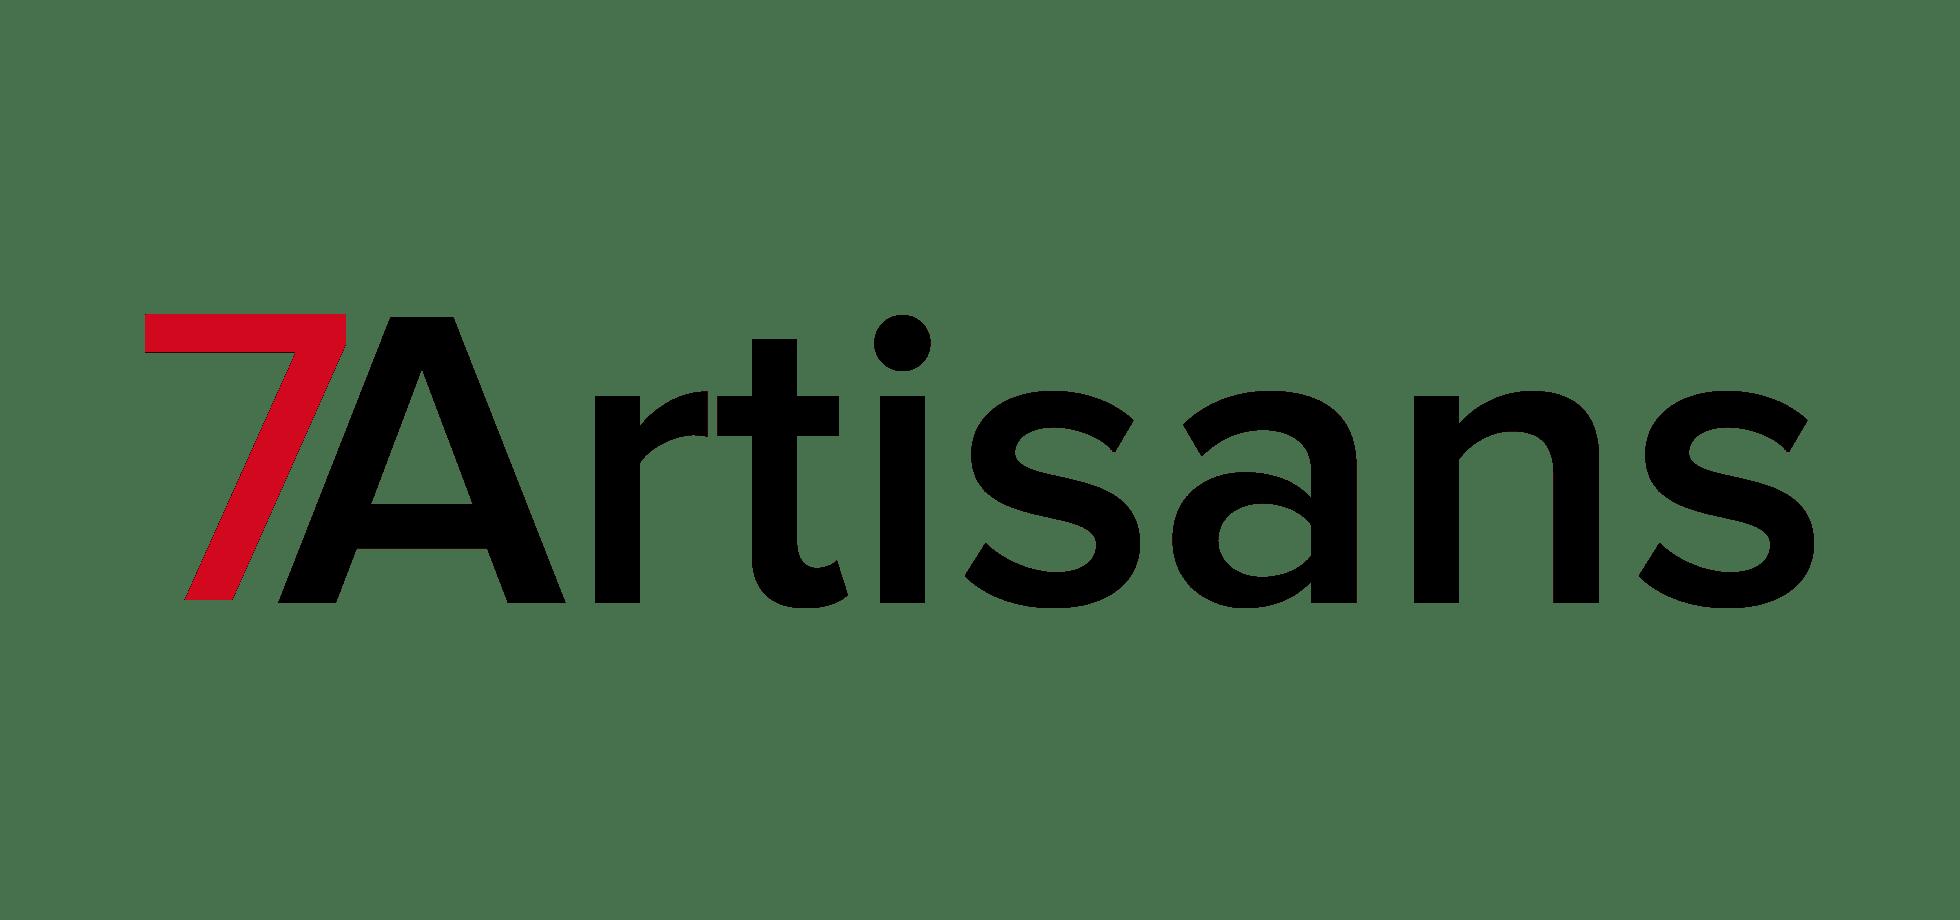 7artisans lenses logo